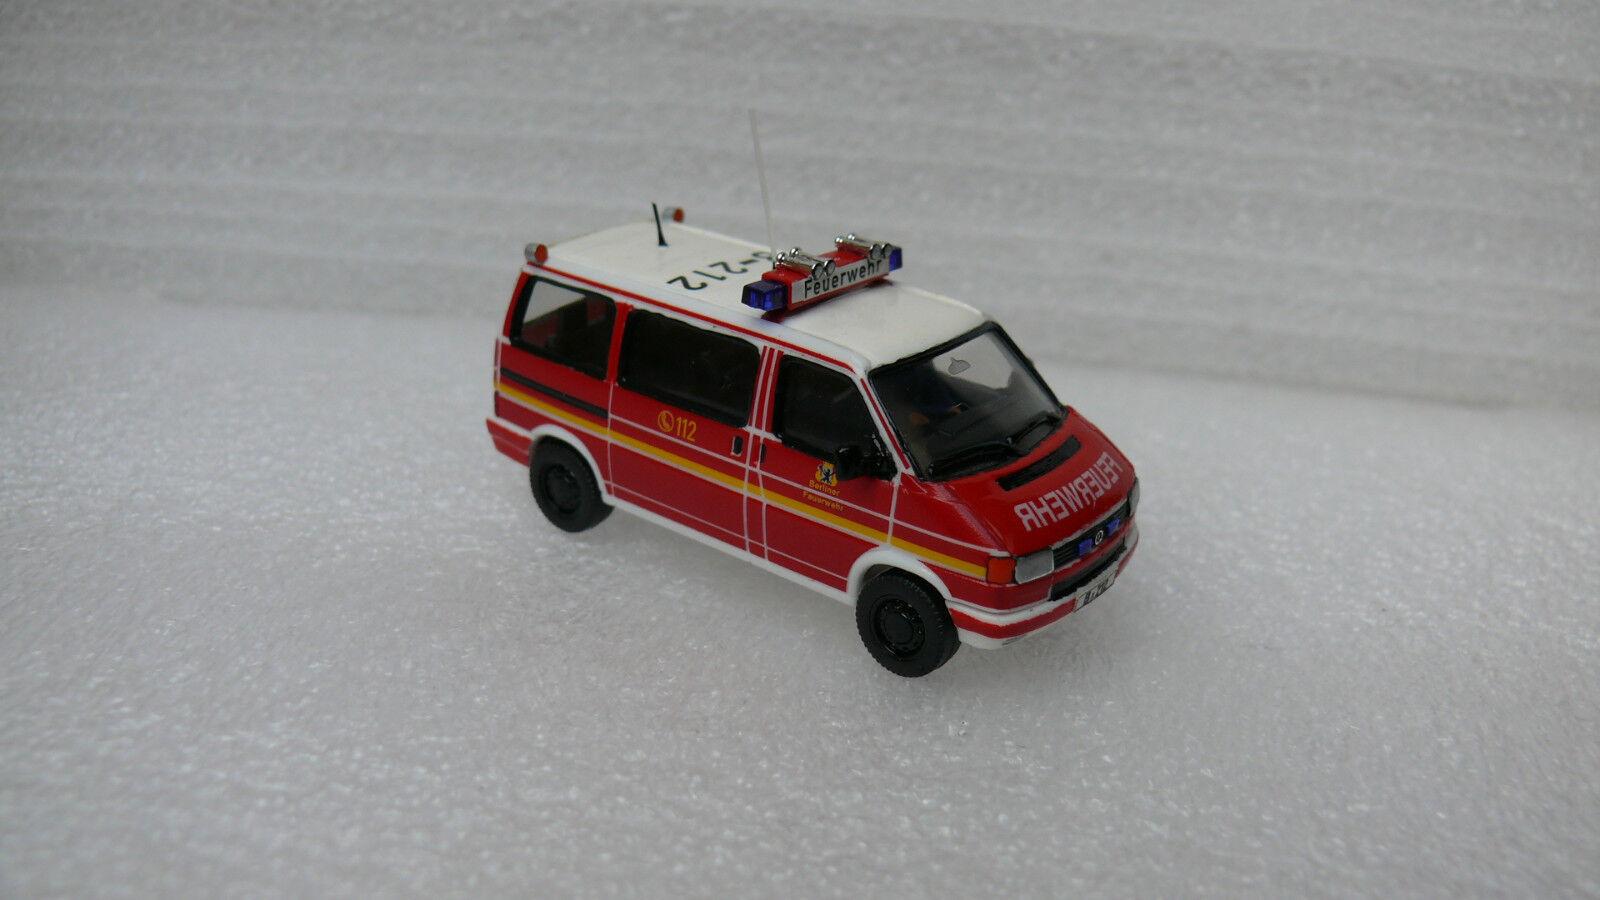 Pompiers Berlin ELW 1 C-service vw t4 2,5 Syncro FF Garde Rudow b-212 h0 TOP RAR